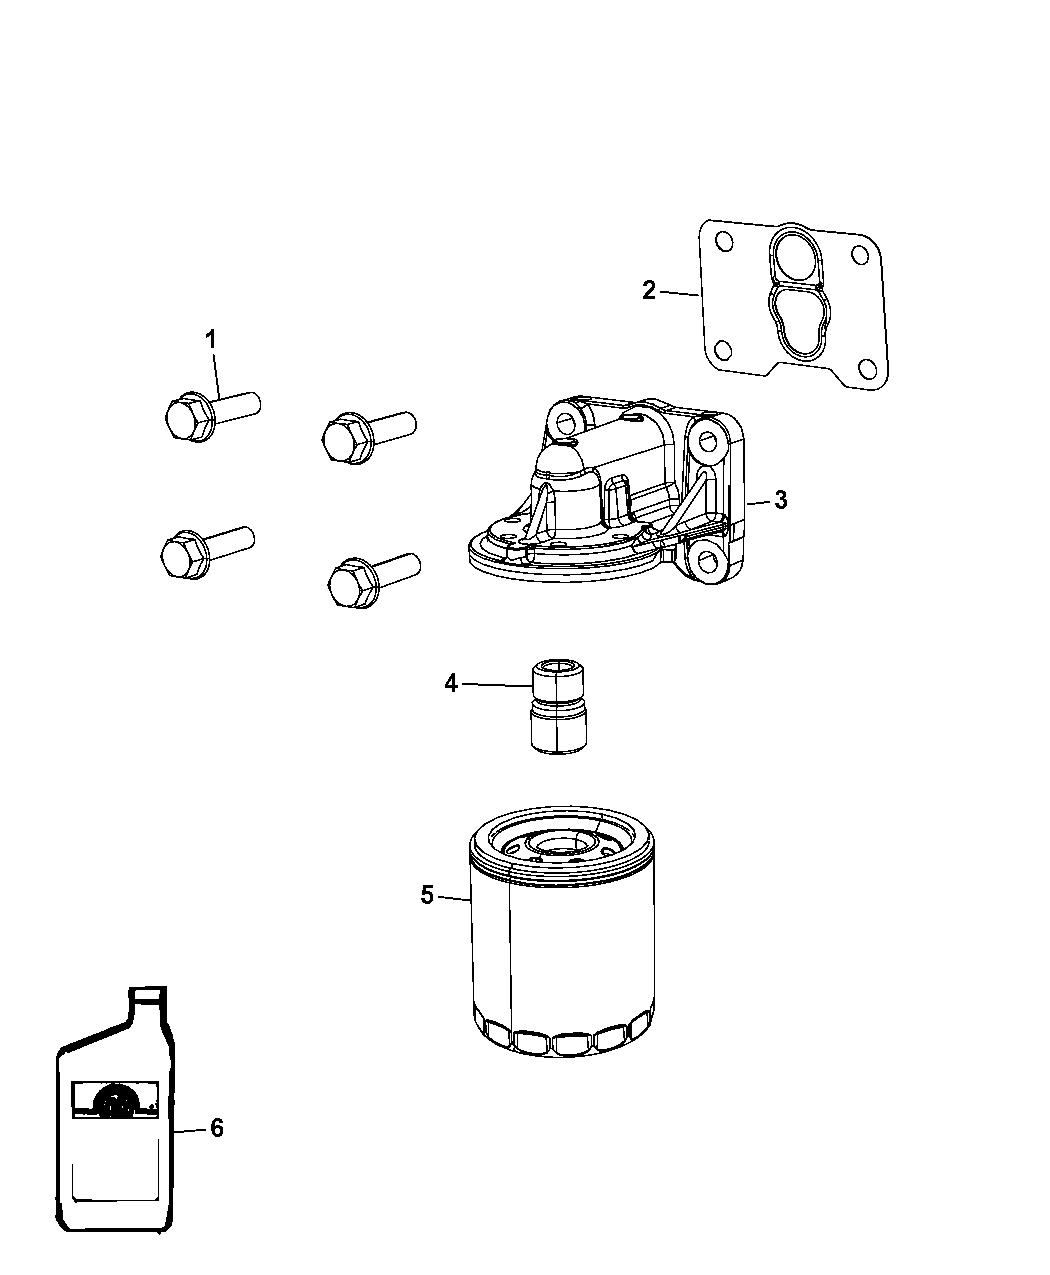 Chrysler 200: Engine Oil Selection